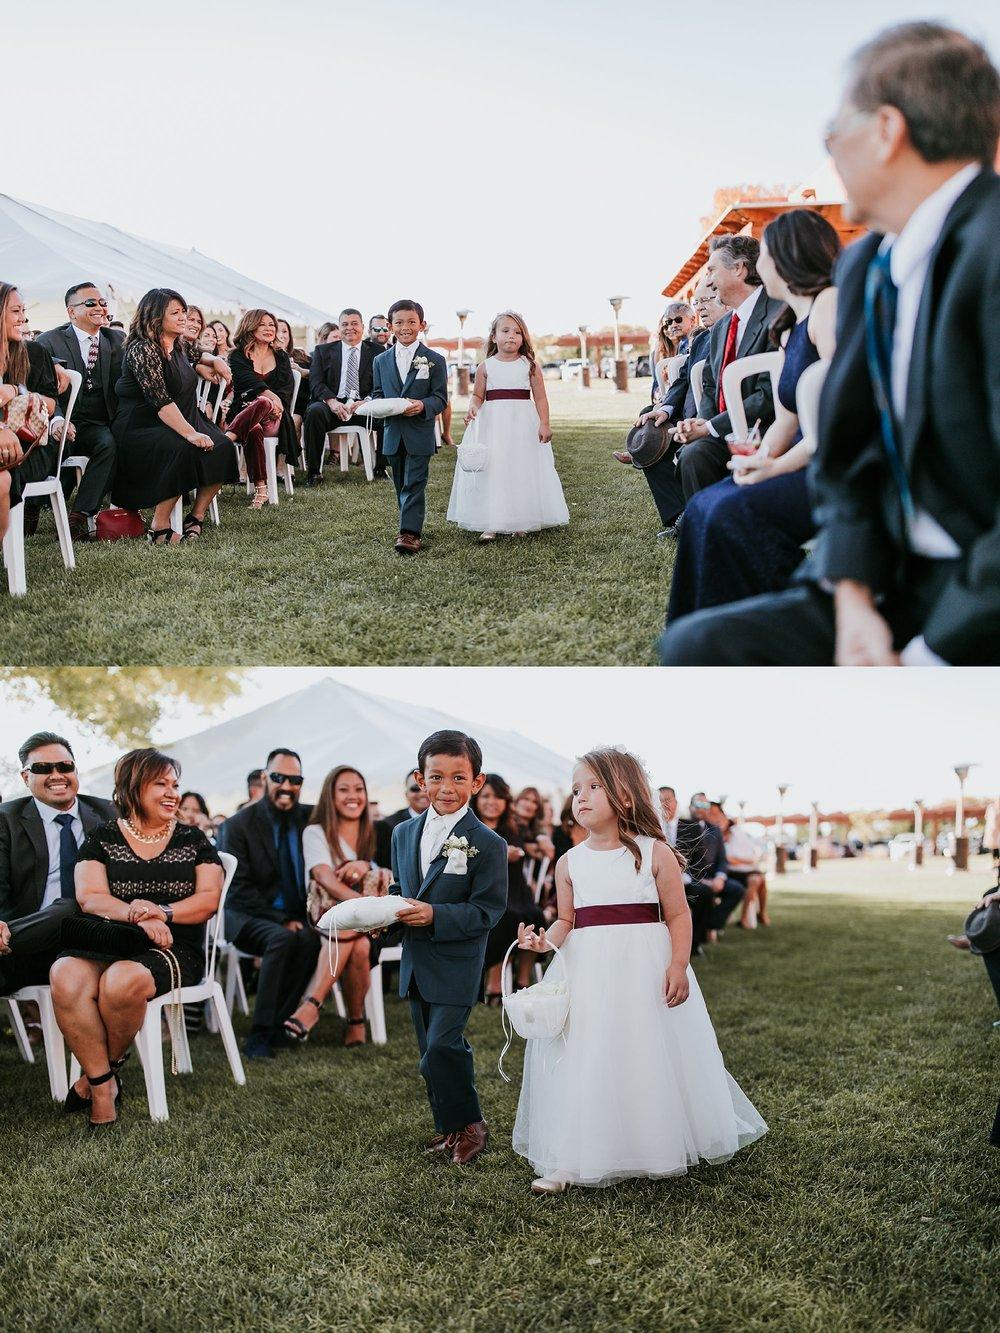 Alicia+lucia+photography+-+albuquerque+wedding+photographer+-+santa+fe+wedding+photography+-+new+mexico+wedding+photographer+-+new+mexico+wedding+-+flower+girl+-+wedding+flower+girl_0028.jpg